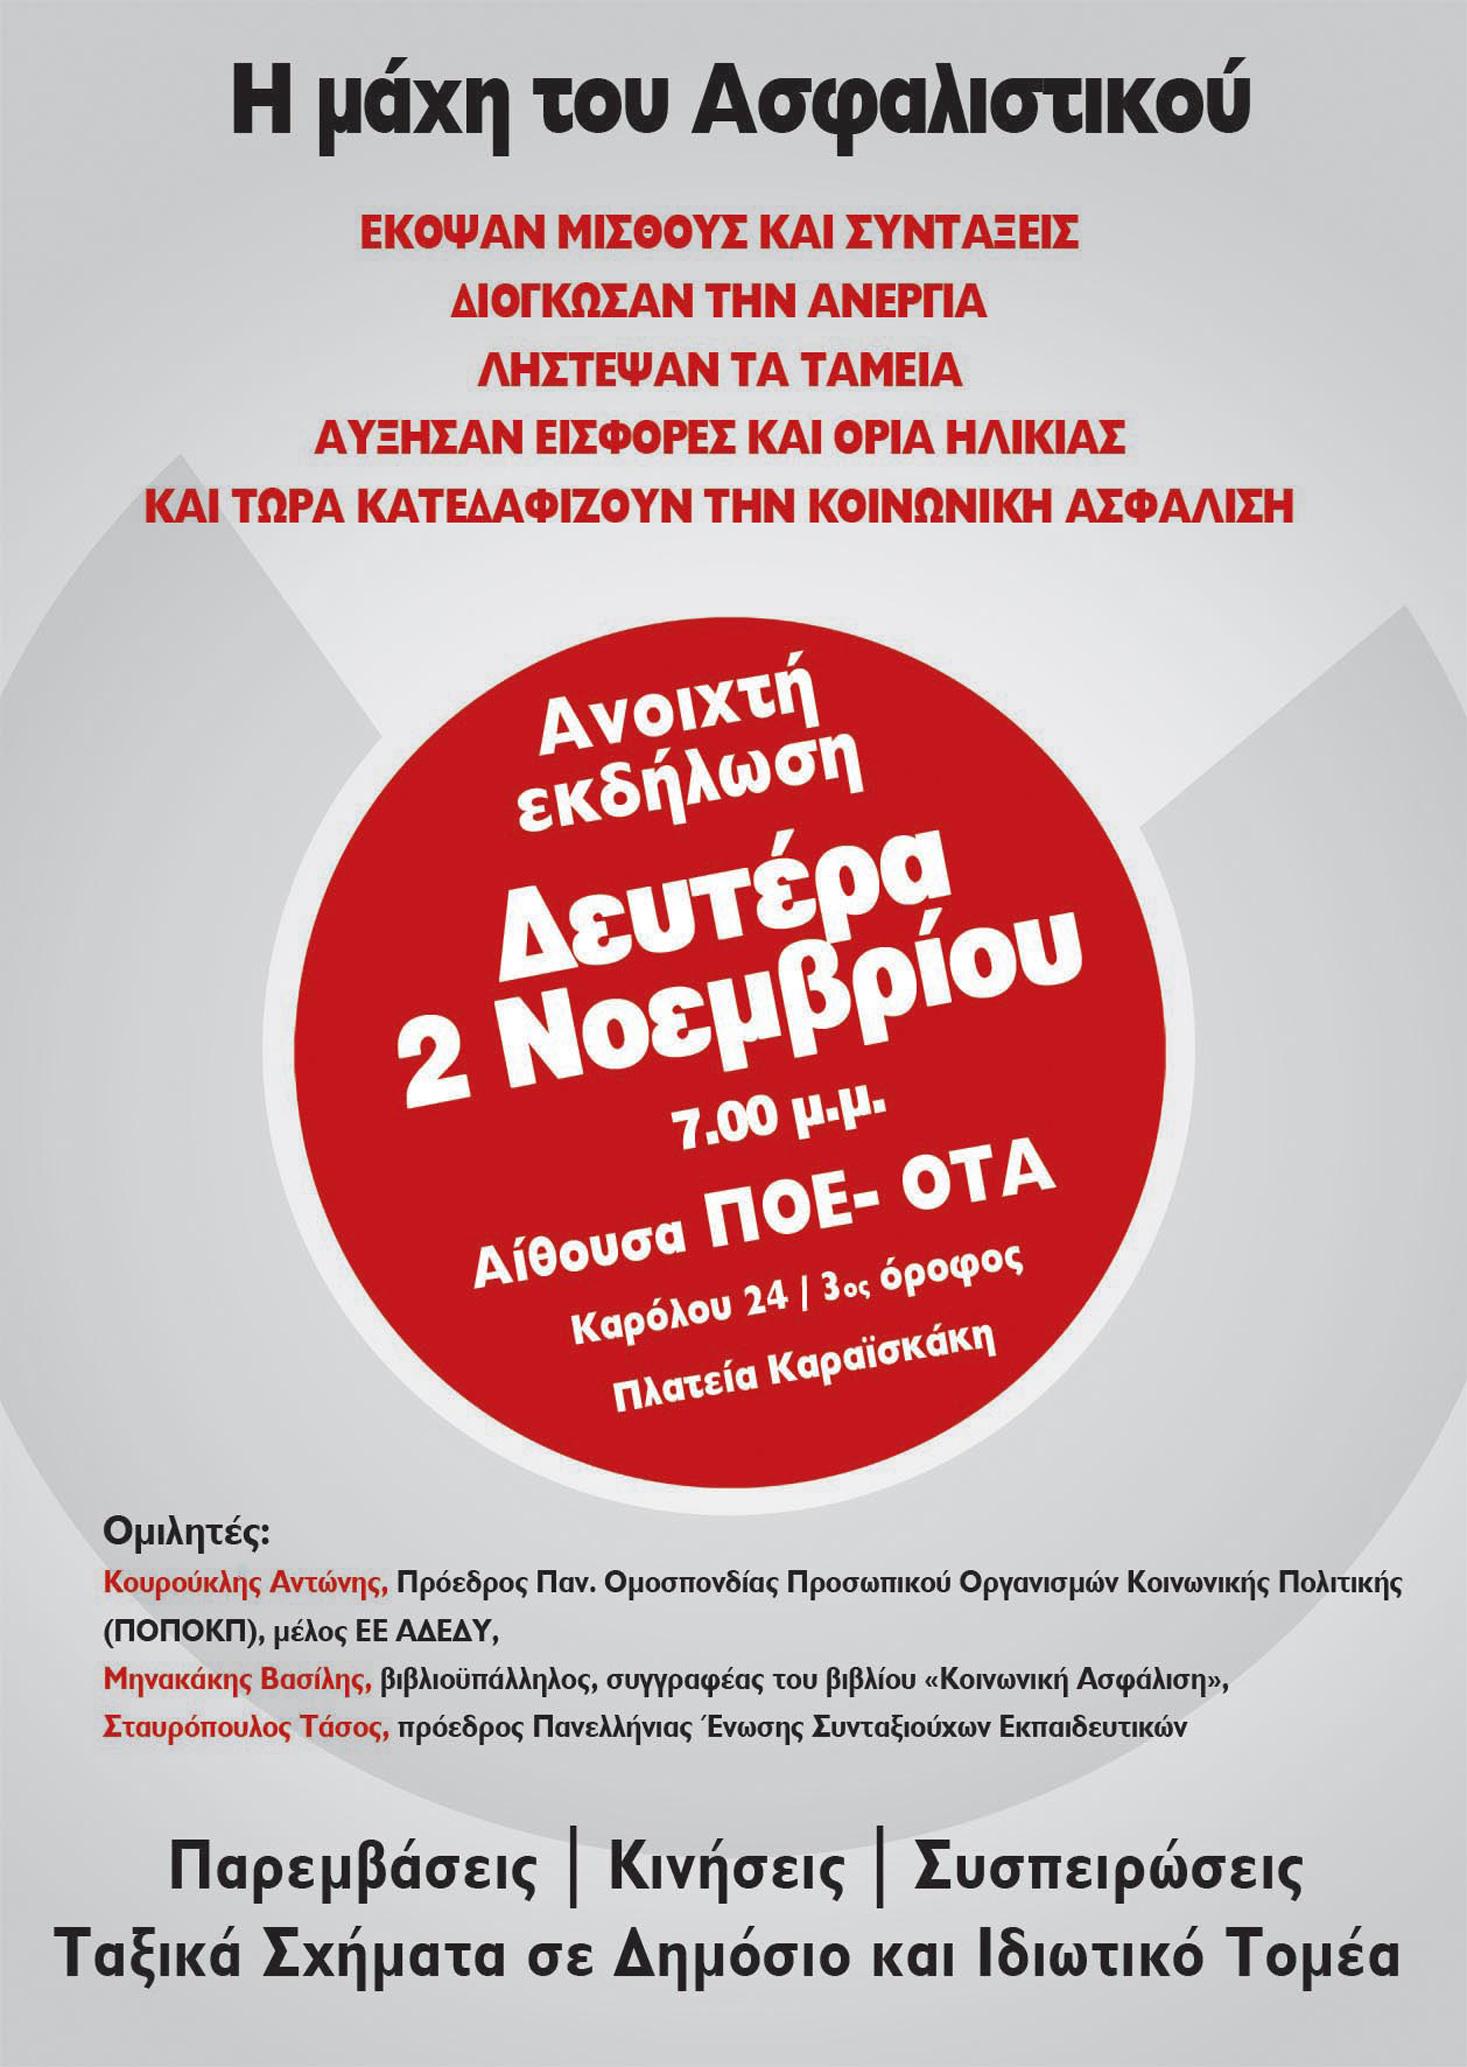 paremvaseis_asfalistiko_ekdilosi